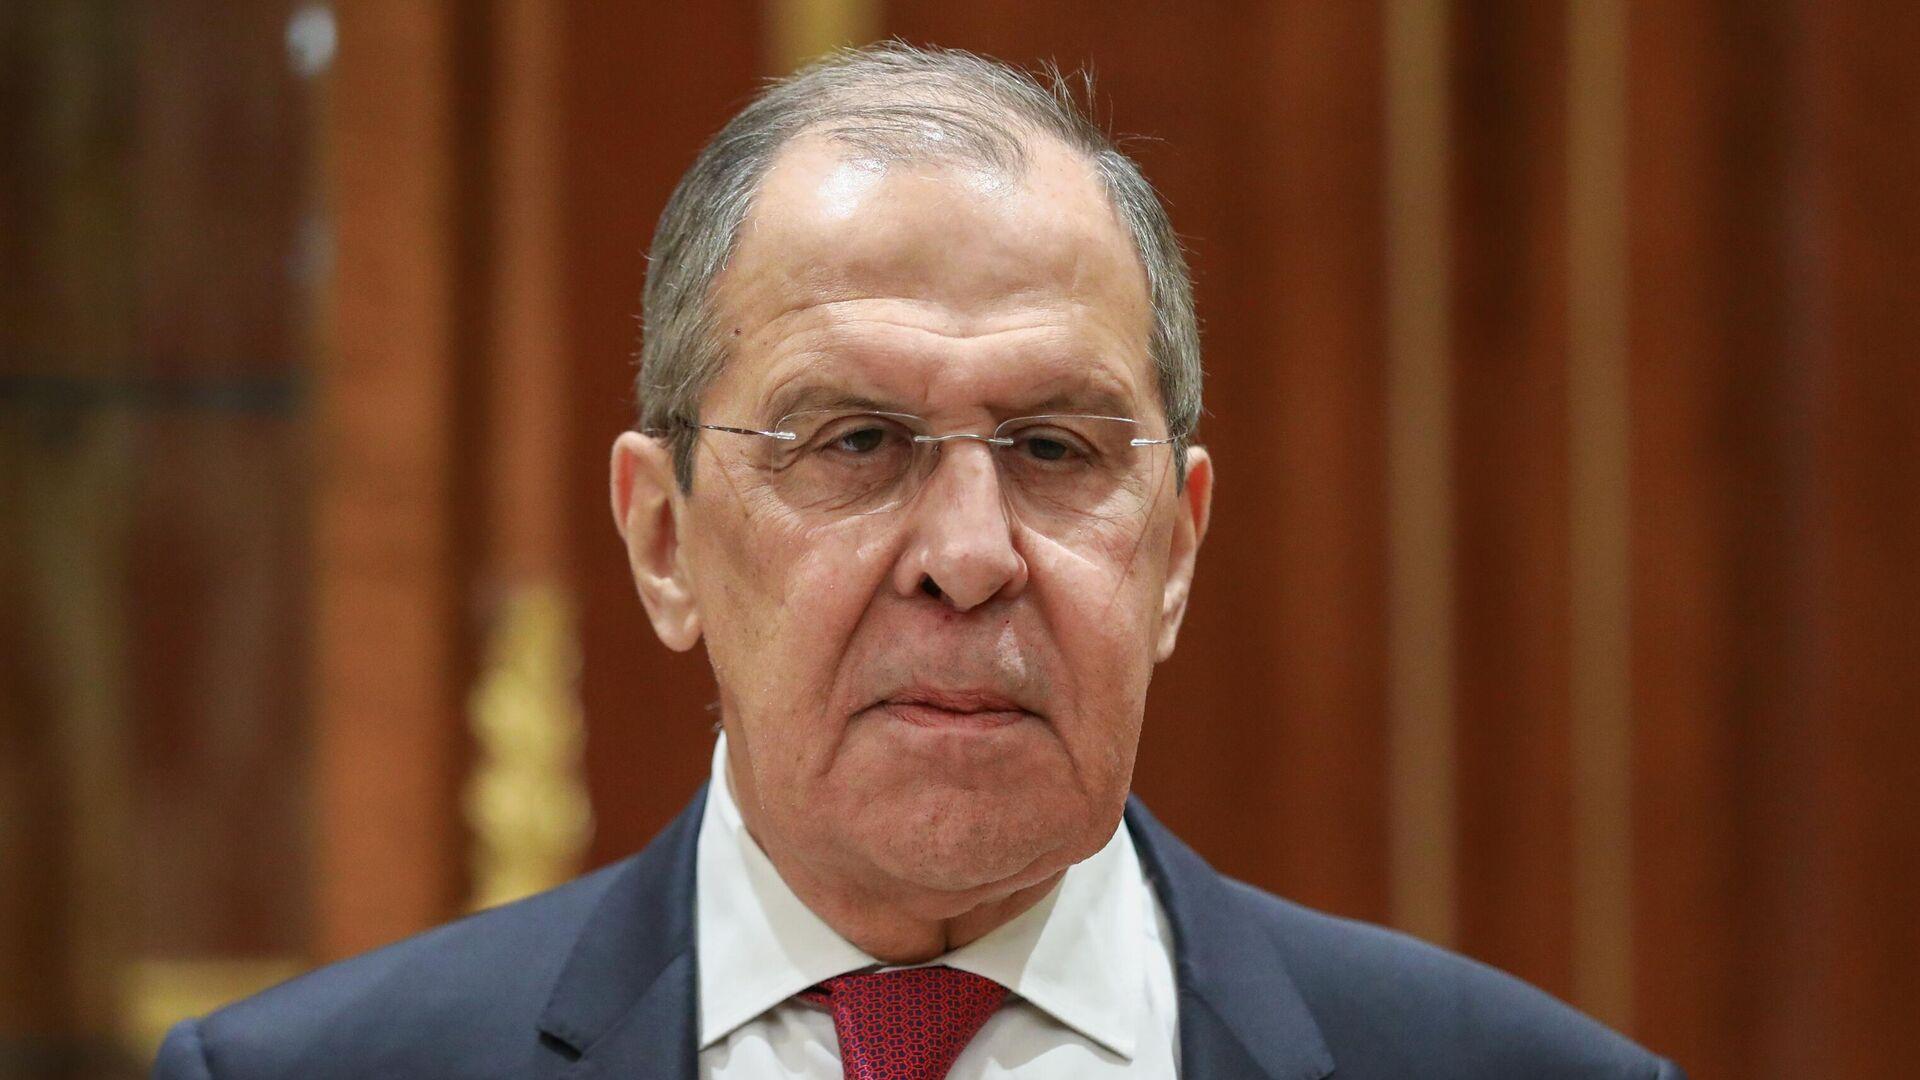 Министр иностранных дел России Сергей Лавров  - Sputnik Таджикистан, 1920, 13.10.2021